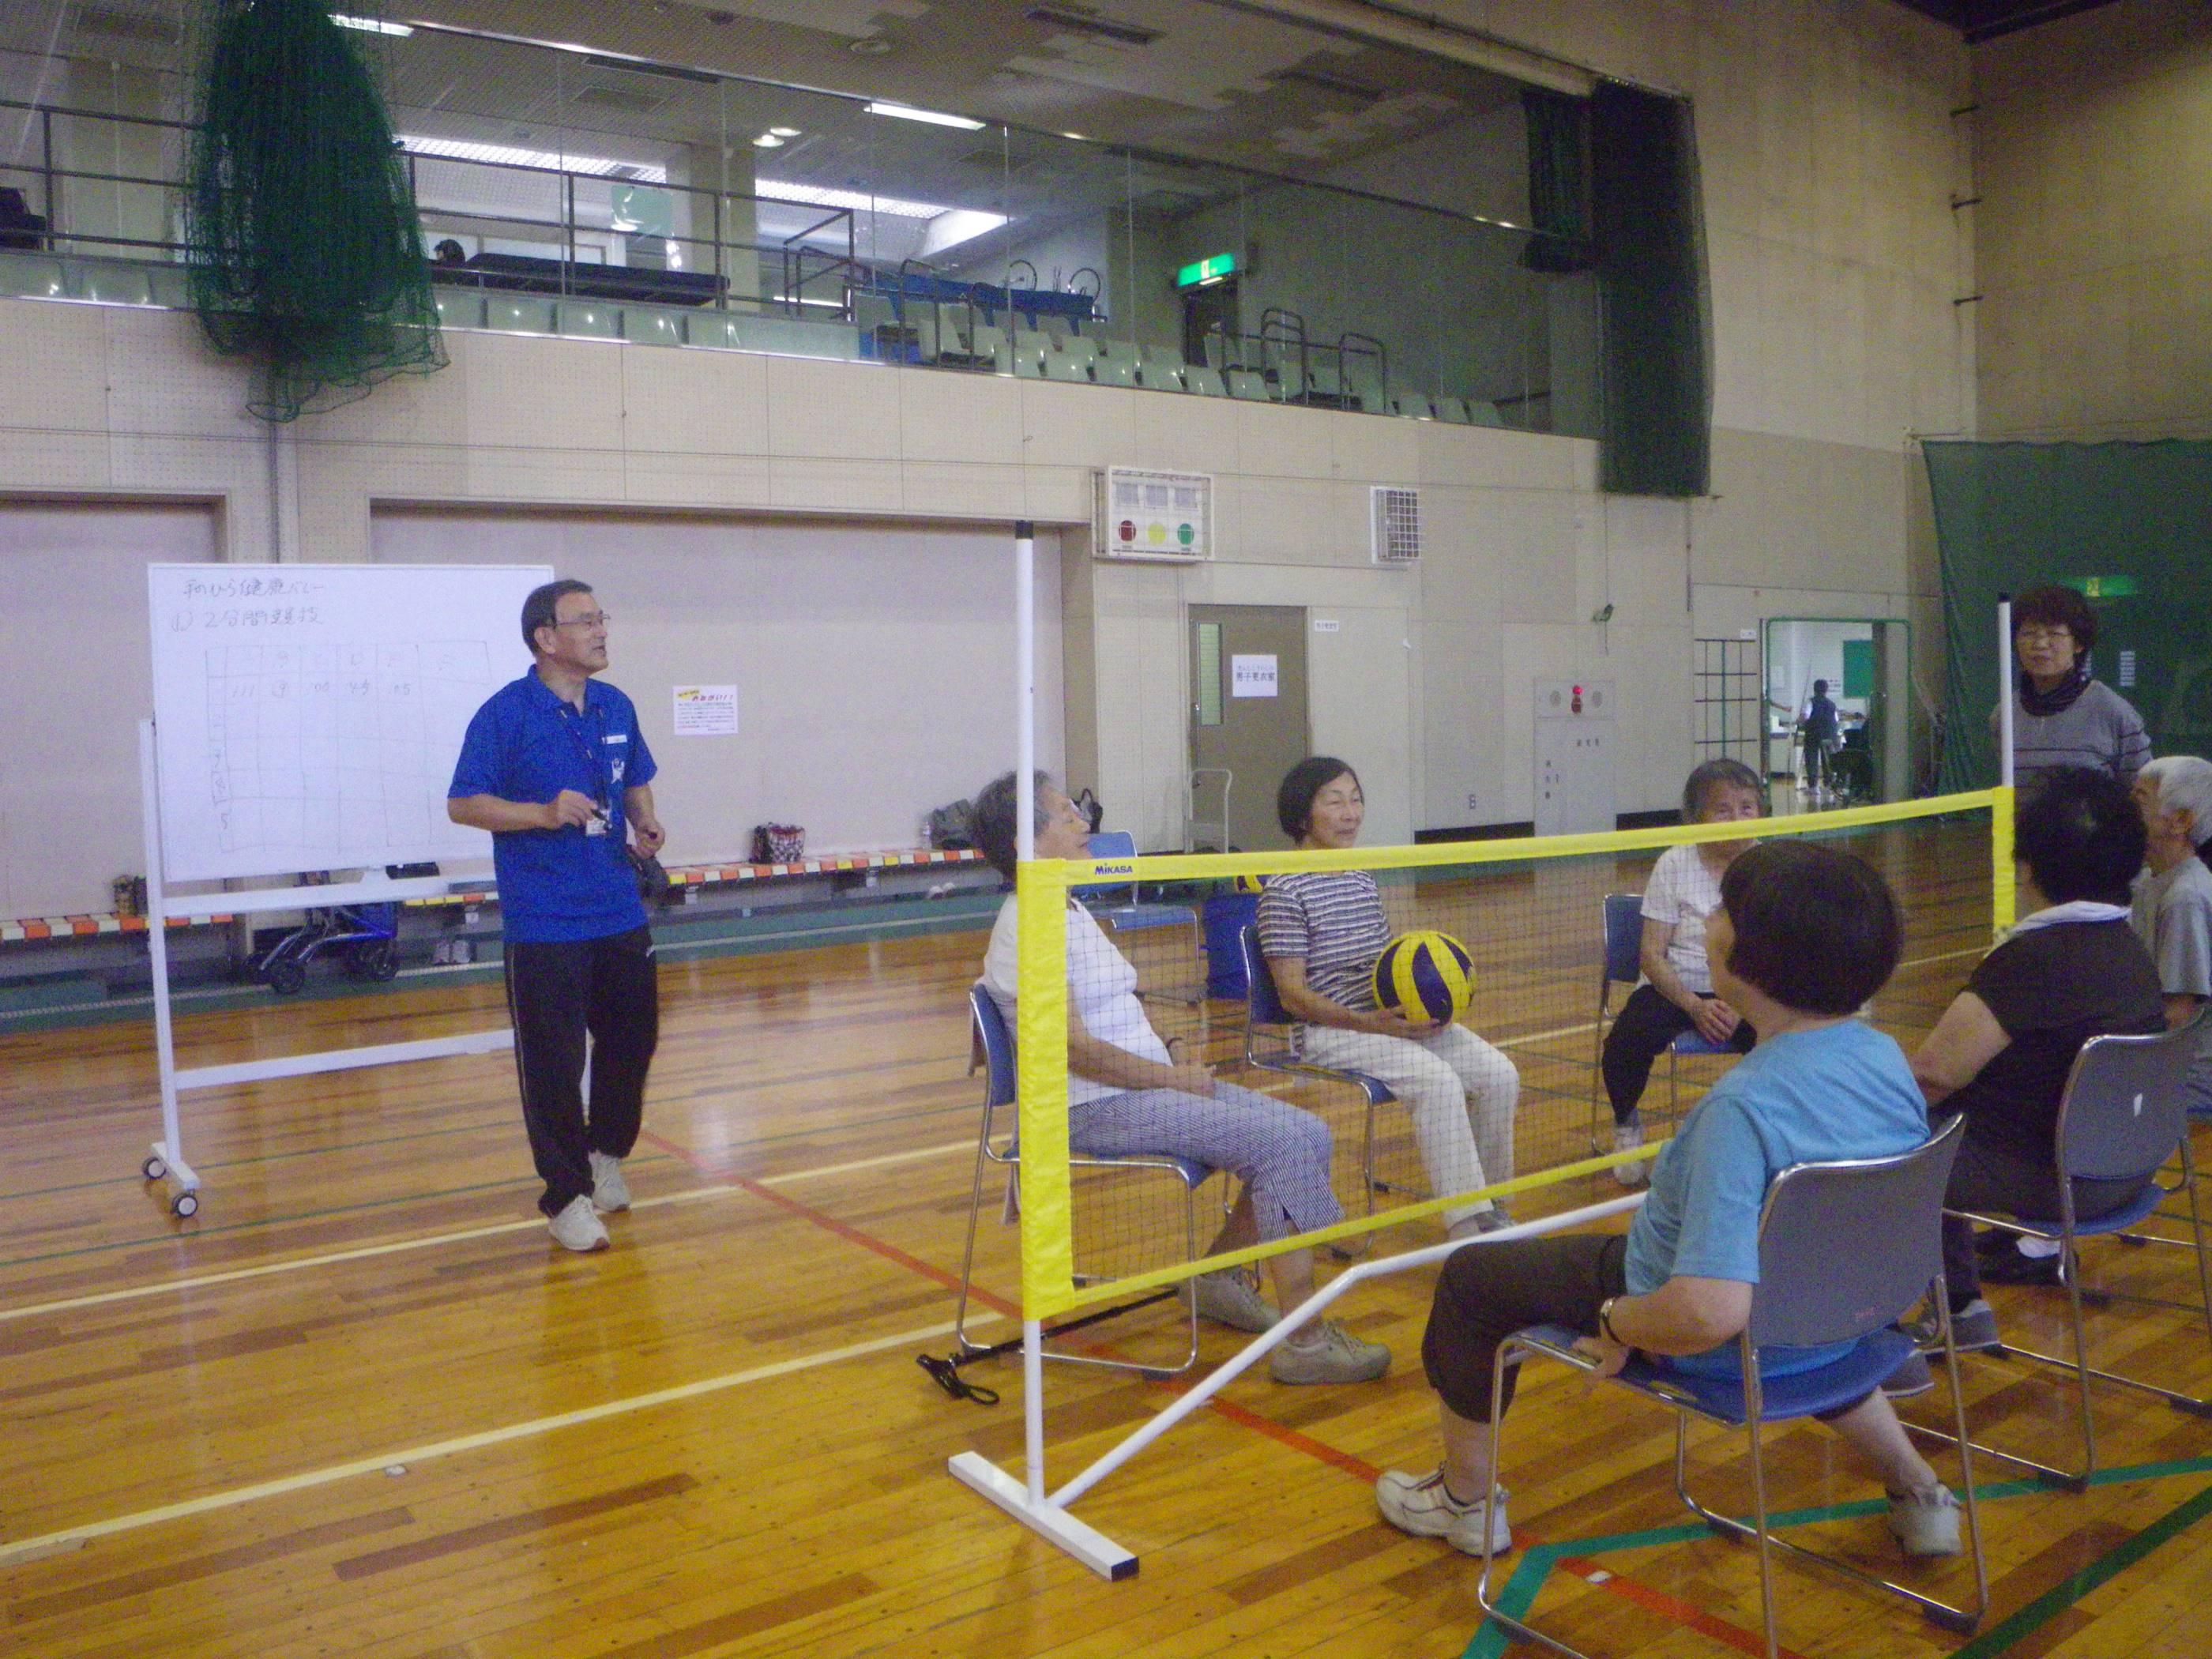 20130907114435 - 「レクリエーションスポーツ教室」より